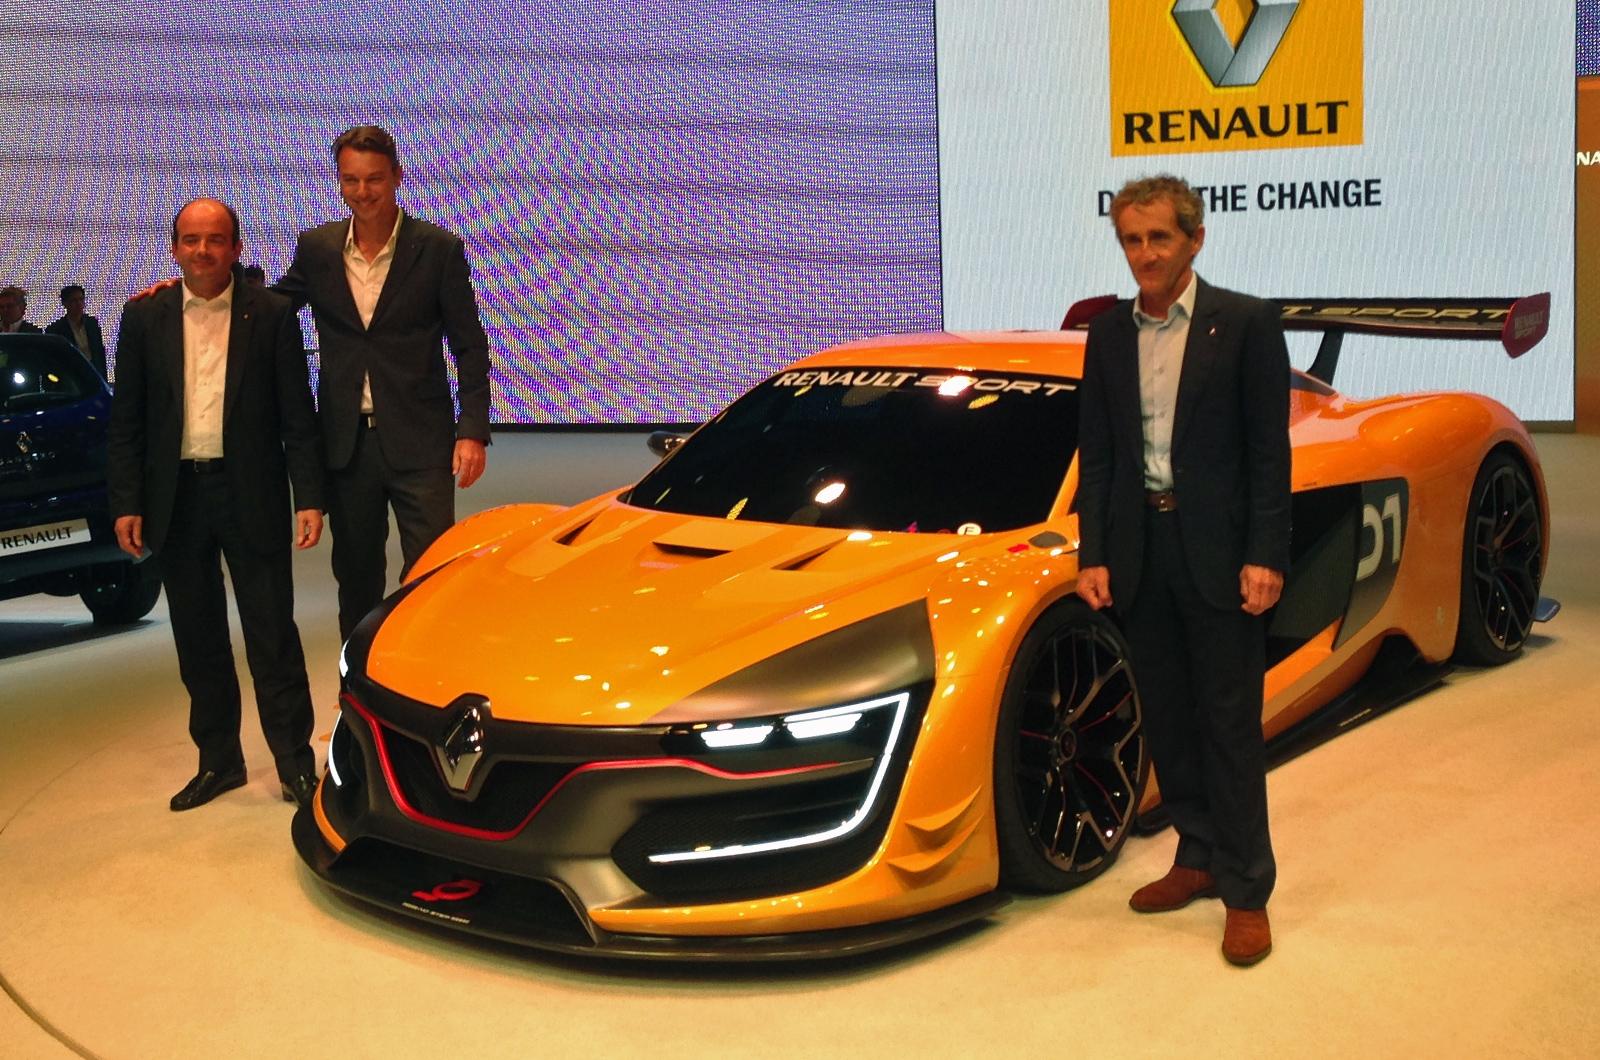 雷诺全新RS 01赛车发布 功率超493马力